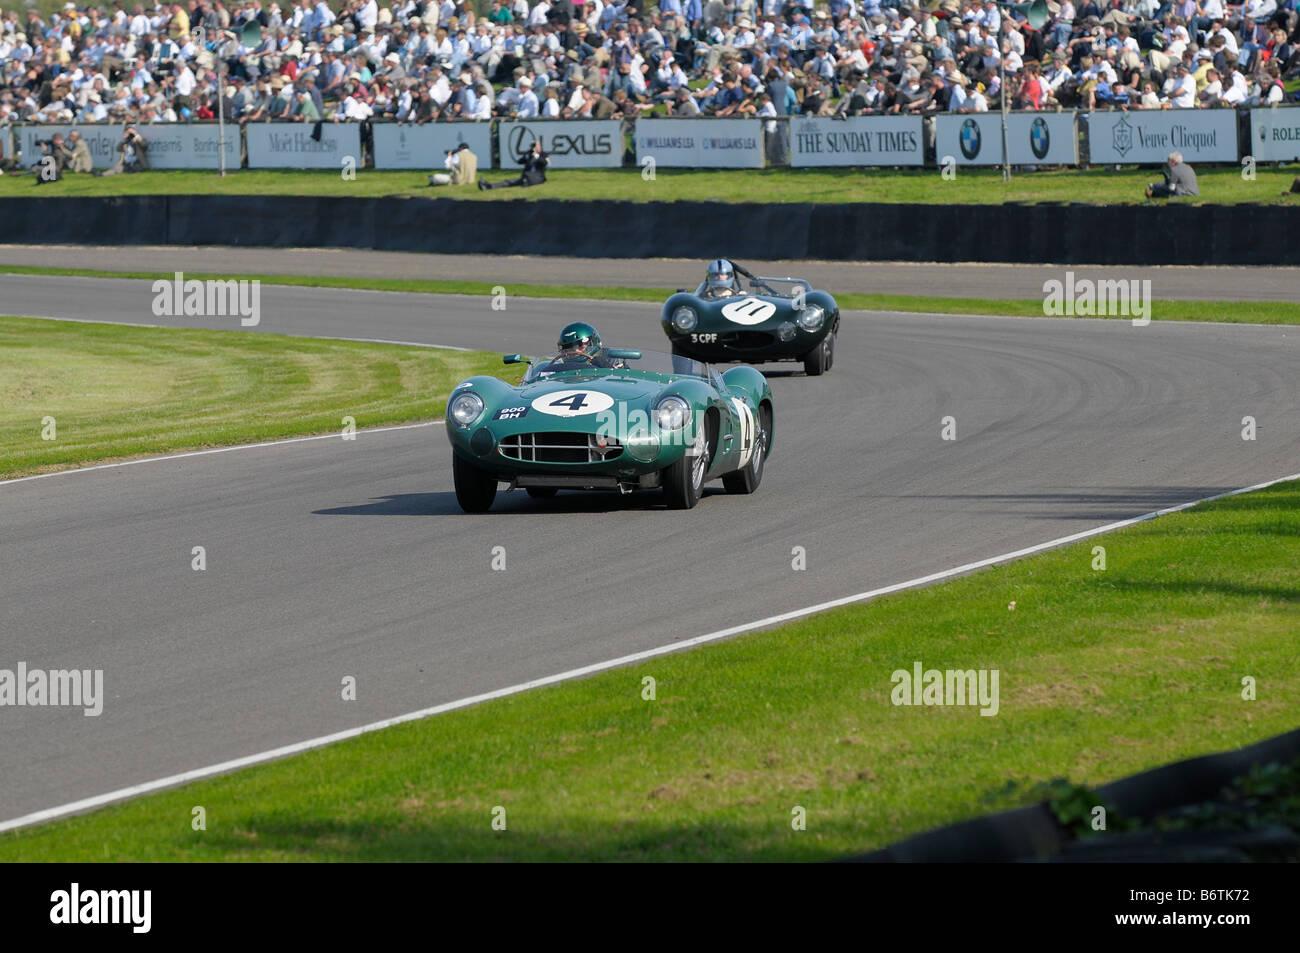 Beim Goodwood Revival meeting September 2008 Aston Martin DBR1 2992cc 1959 Wolfgang Friedrichs Stockbild